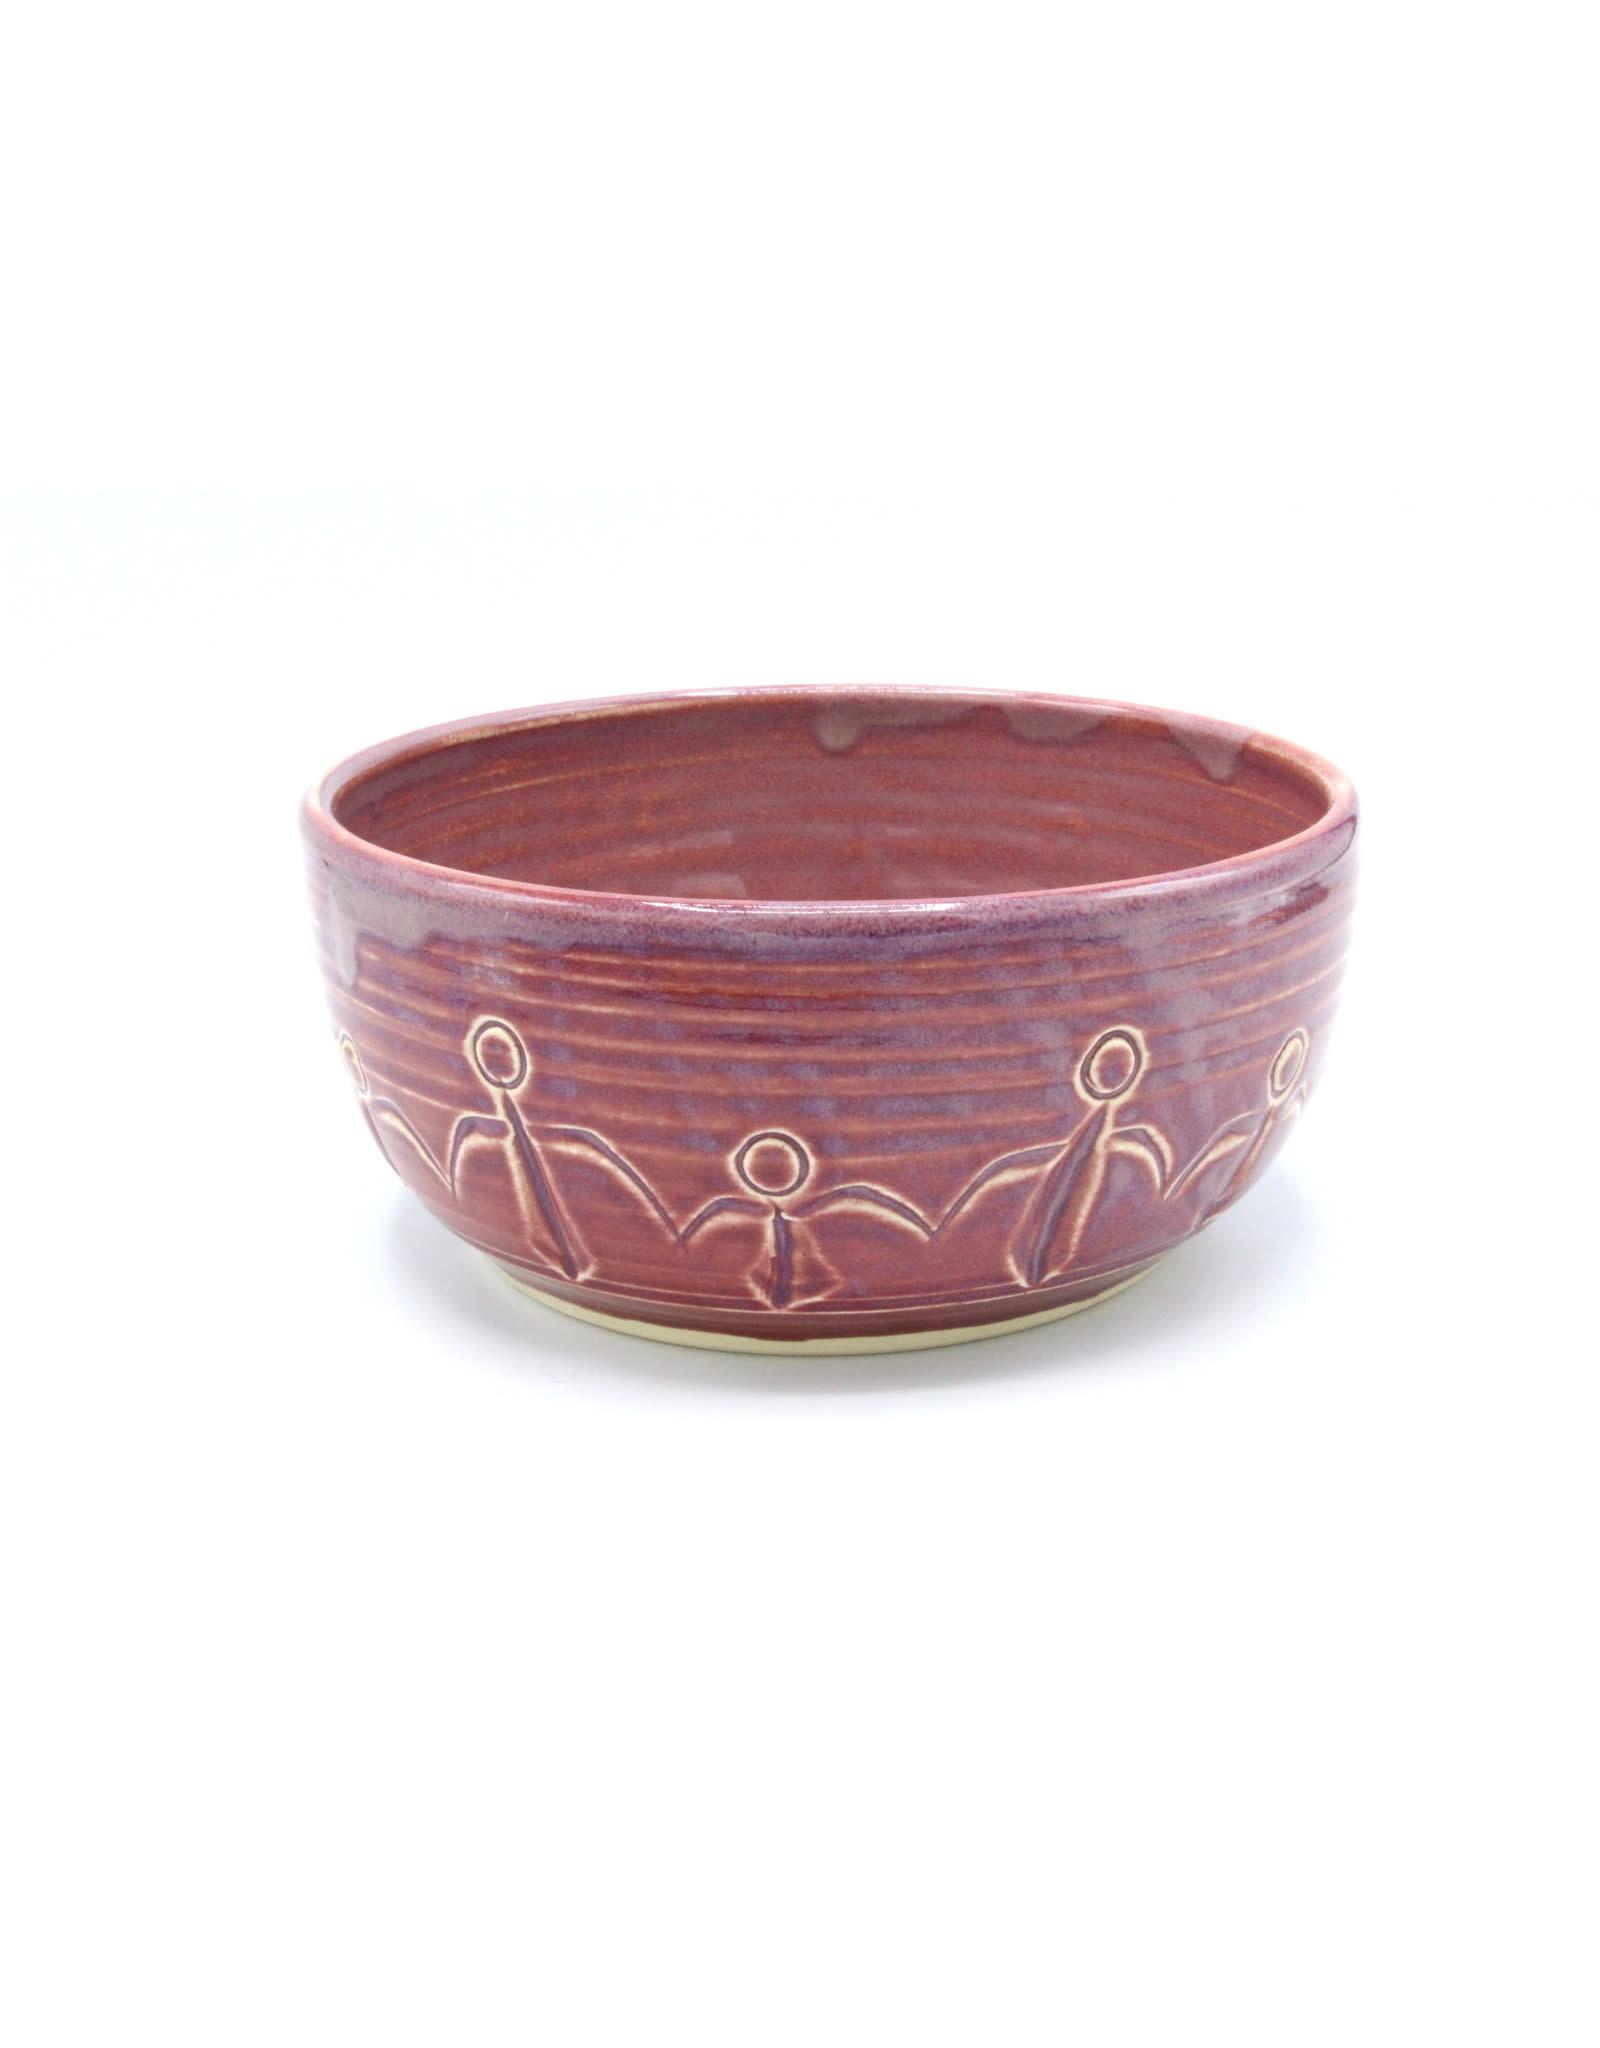 Medium Friendship Bowl - Rose